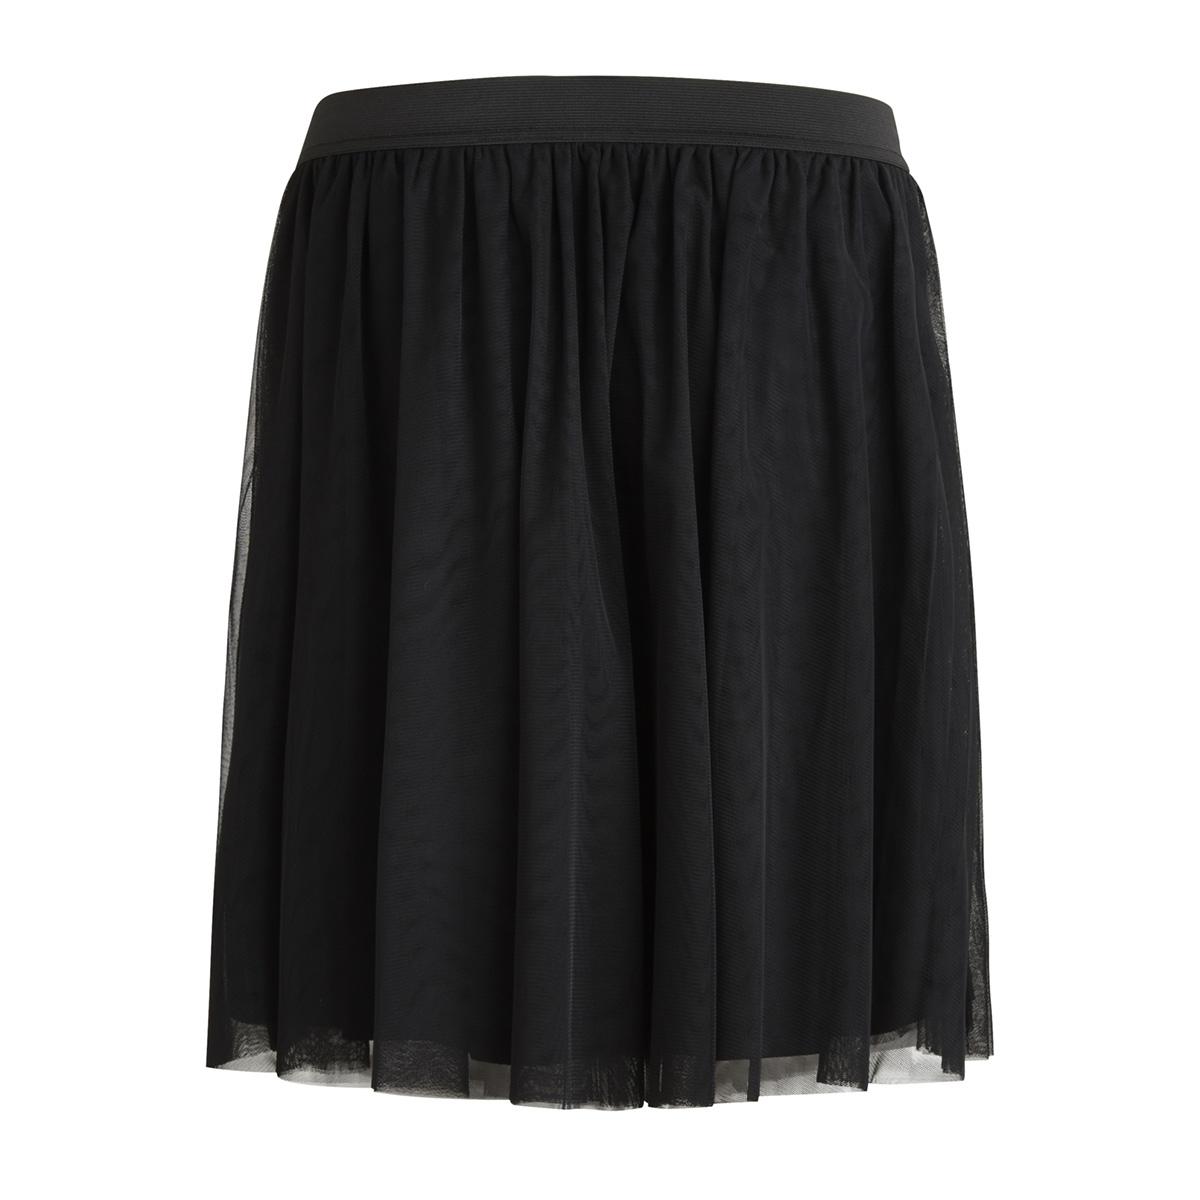 virokas skirt/2 14045207 vila rok black